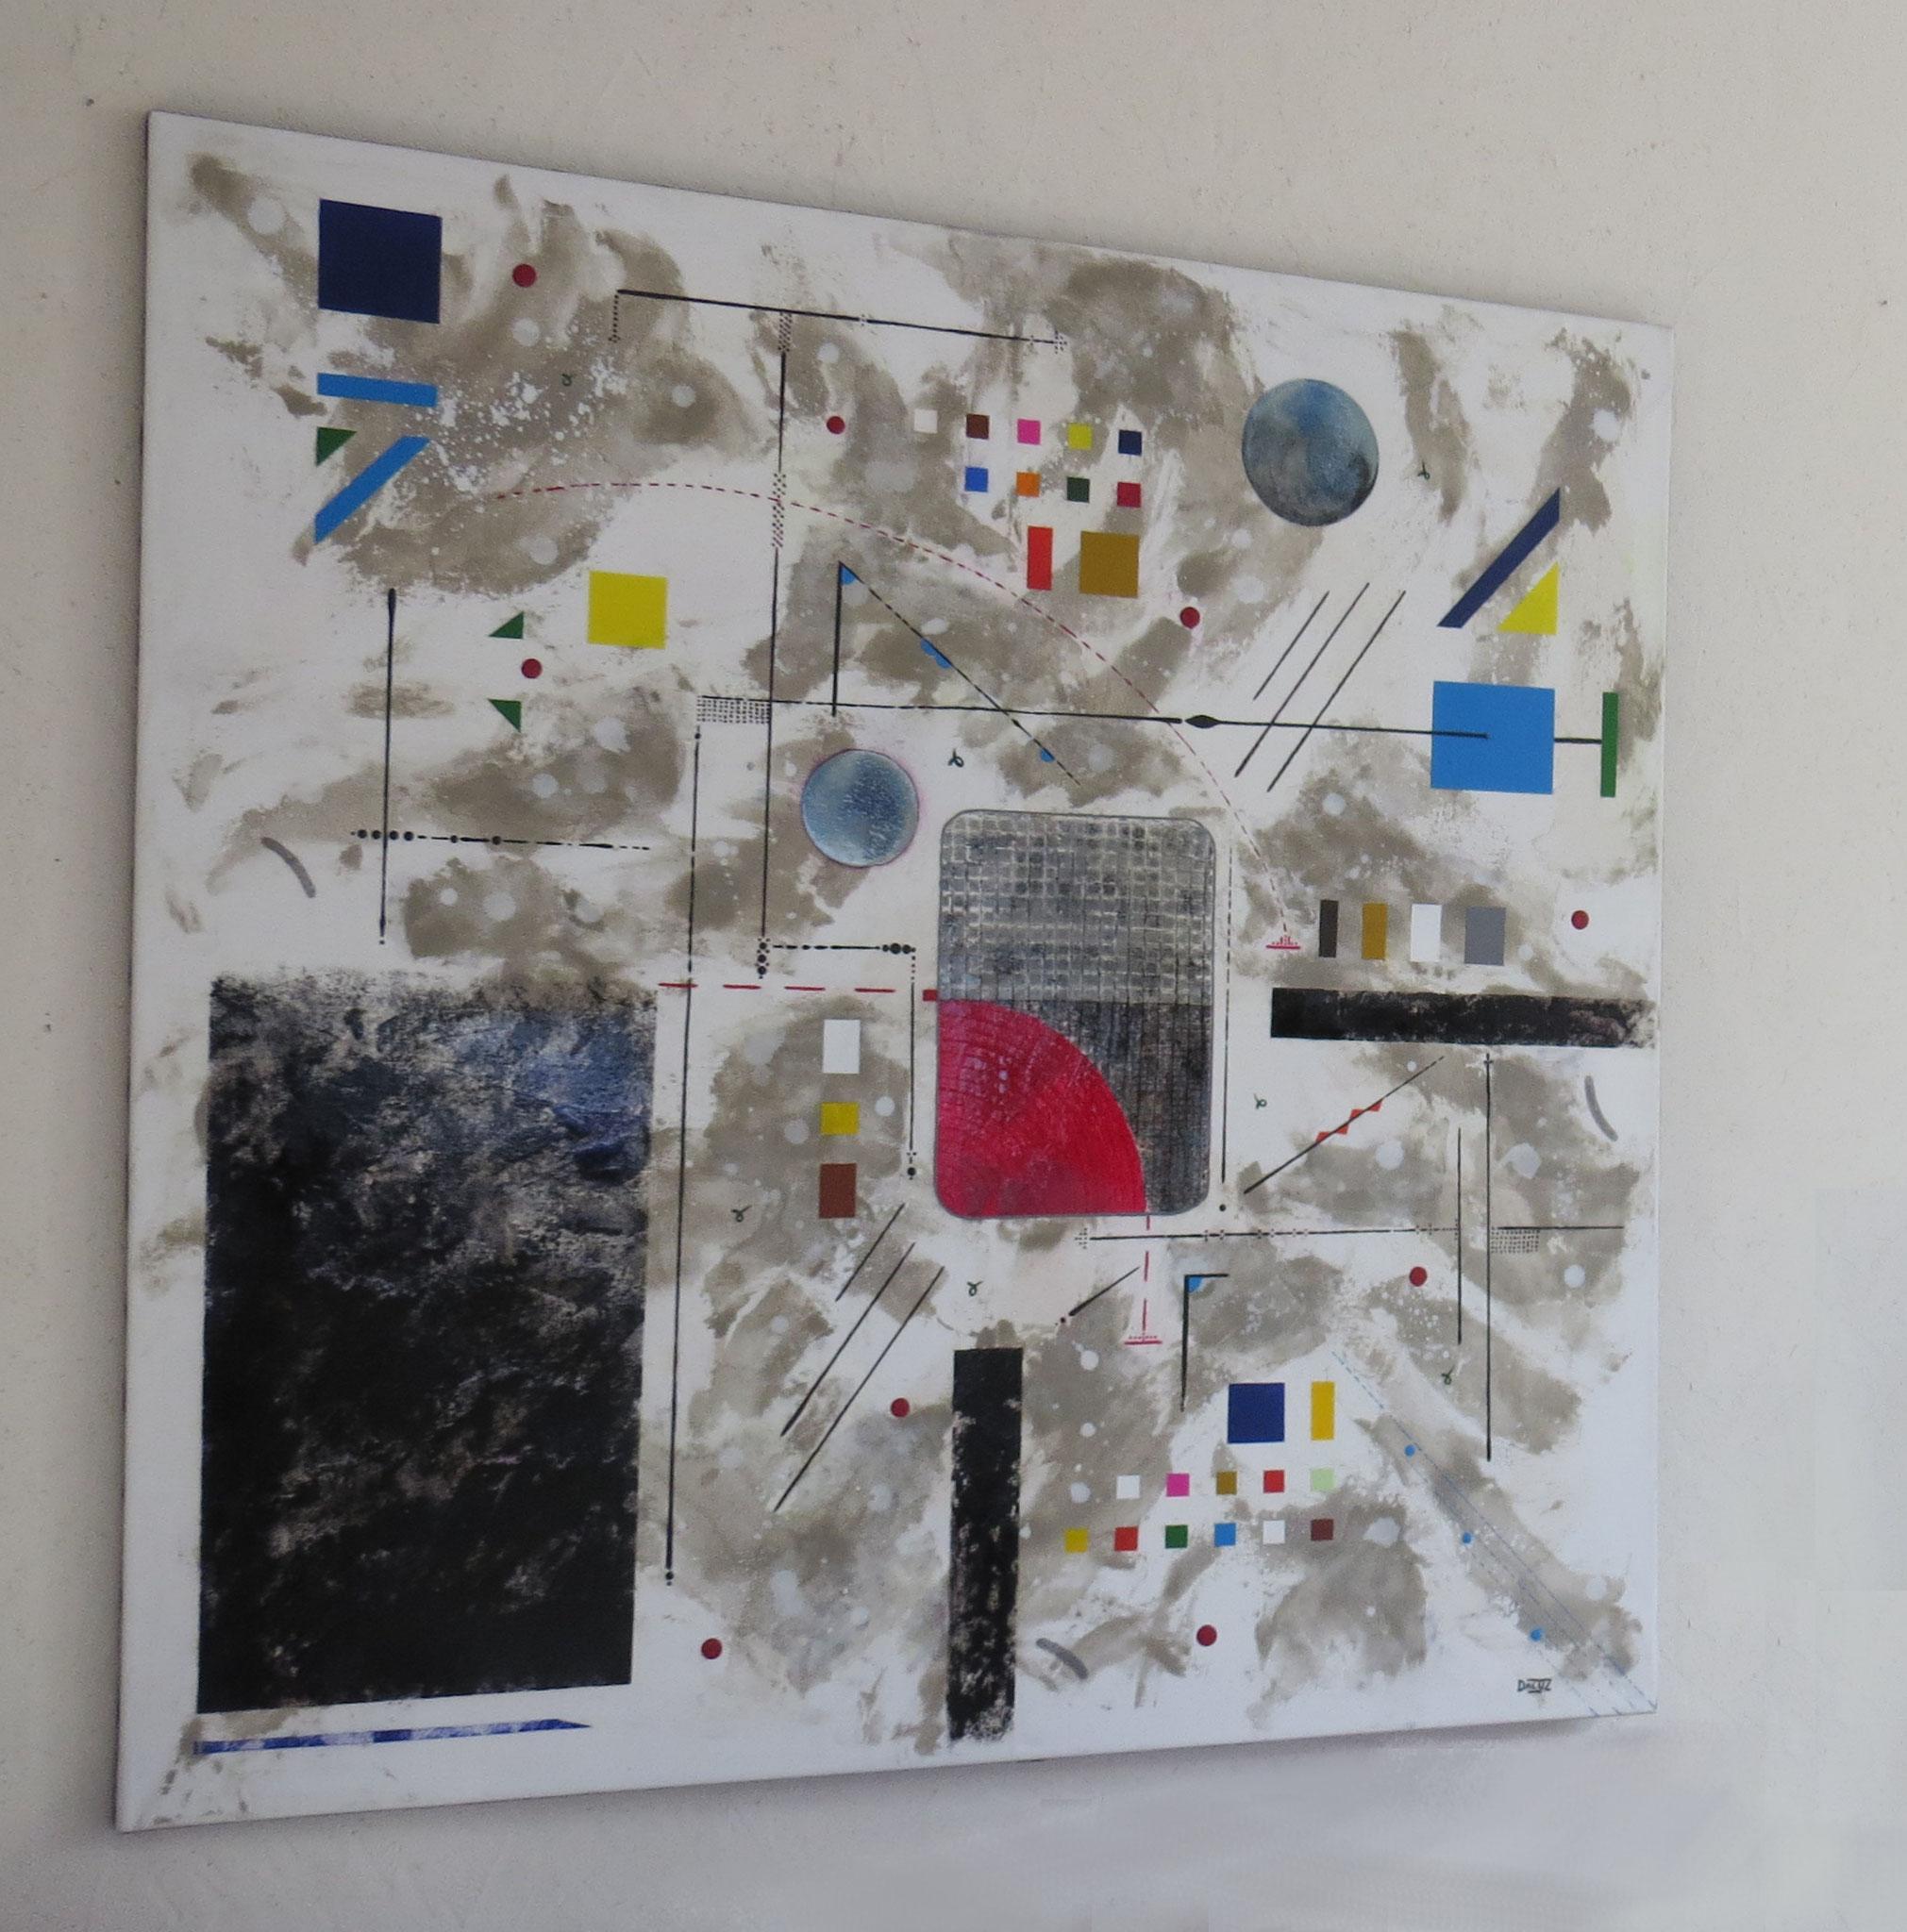 bunker sidéral - vue côté1 - DALUZ GALEGO - peinture abstraite